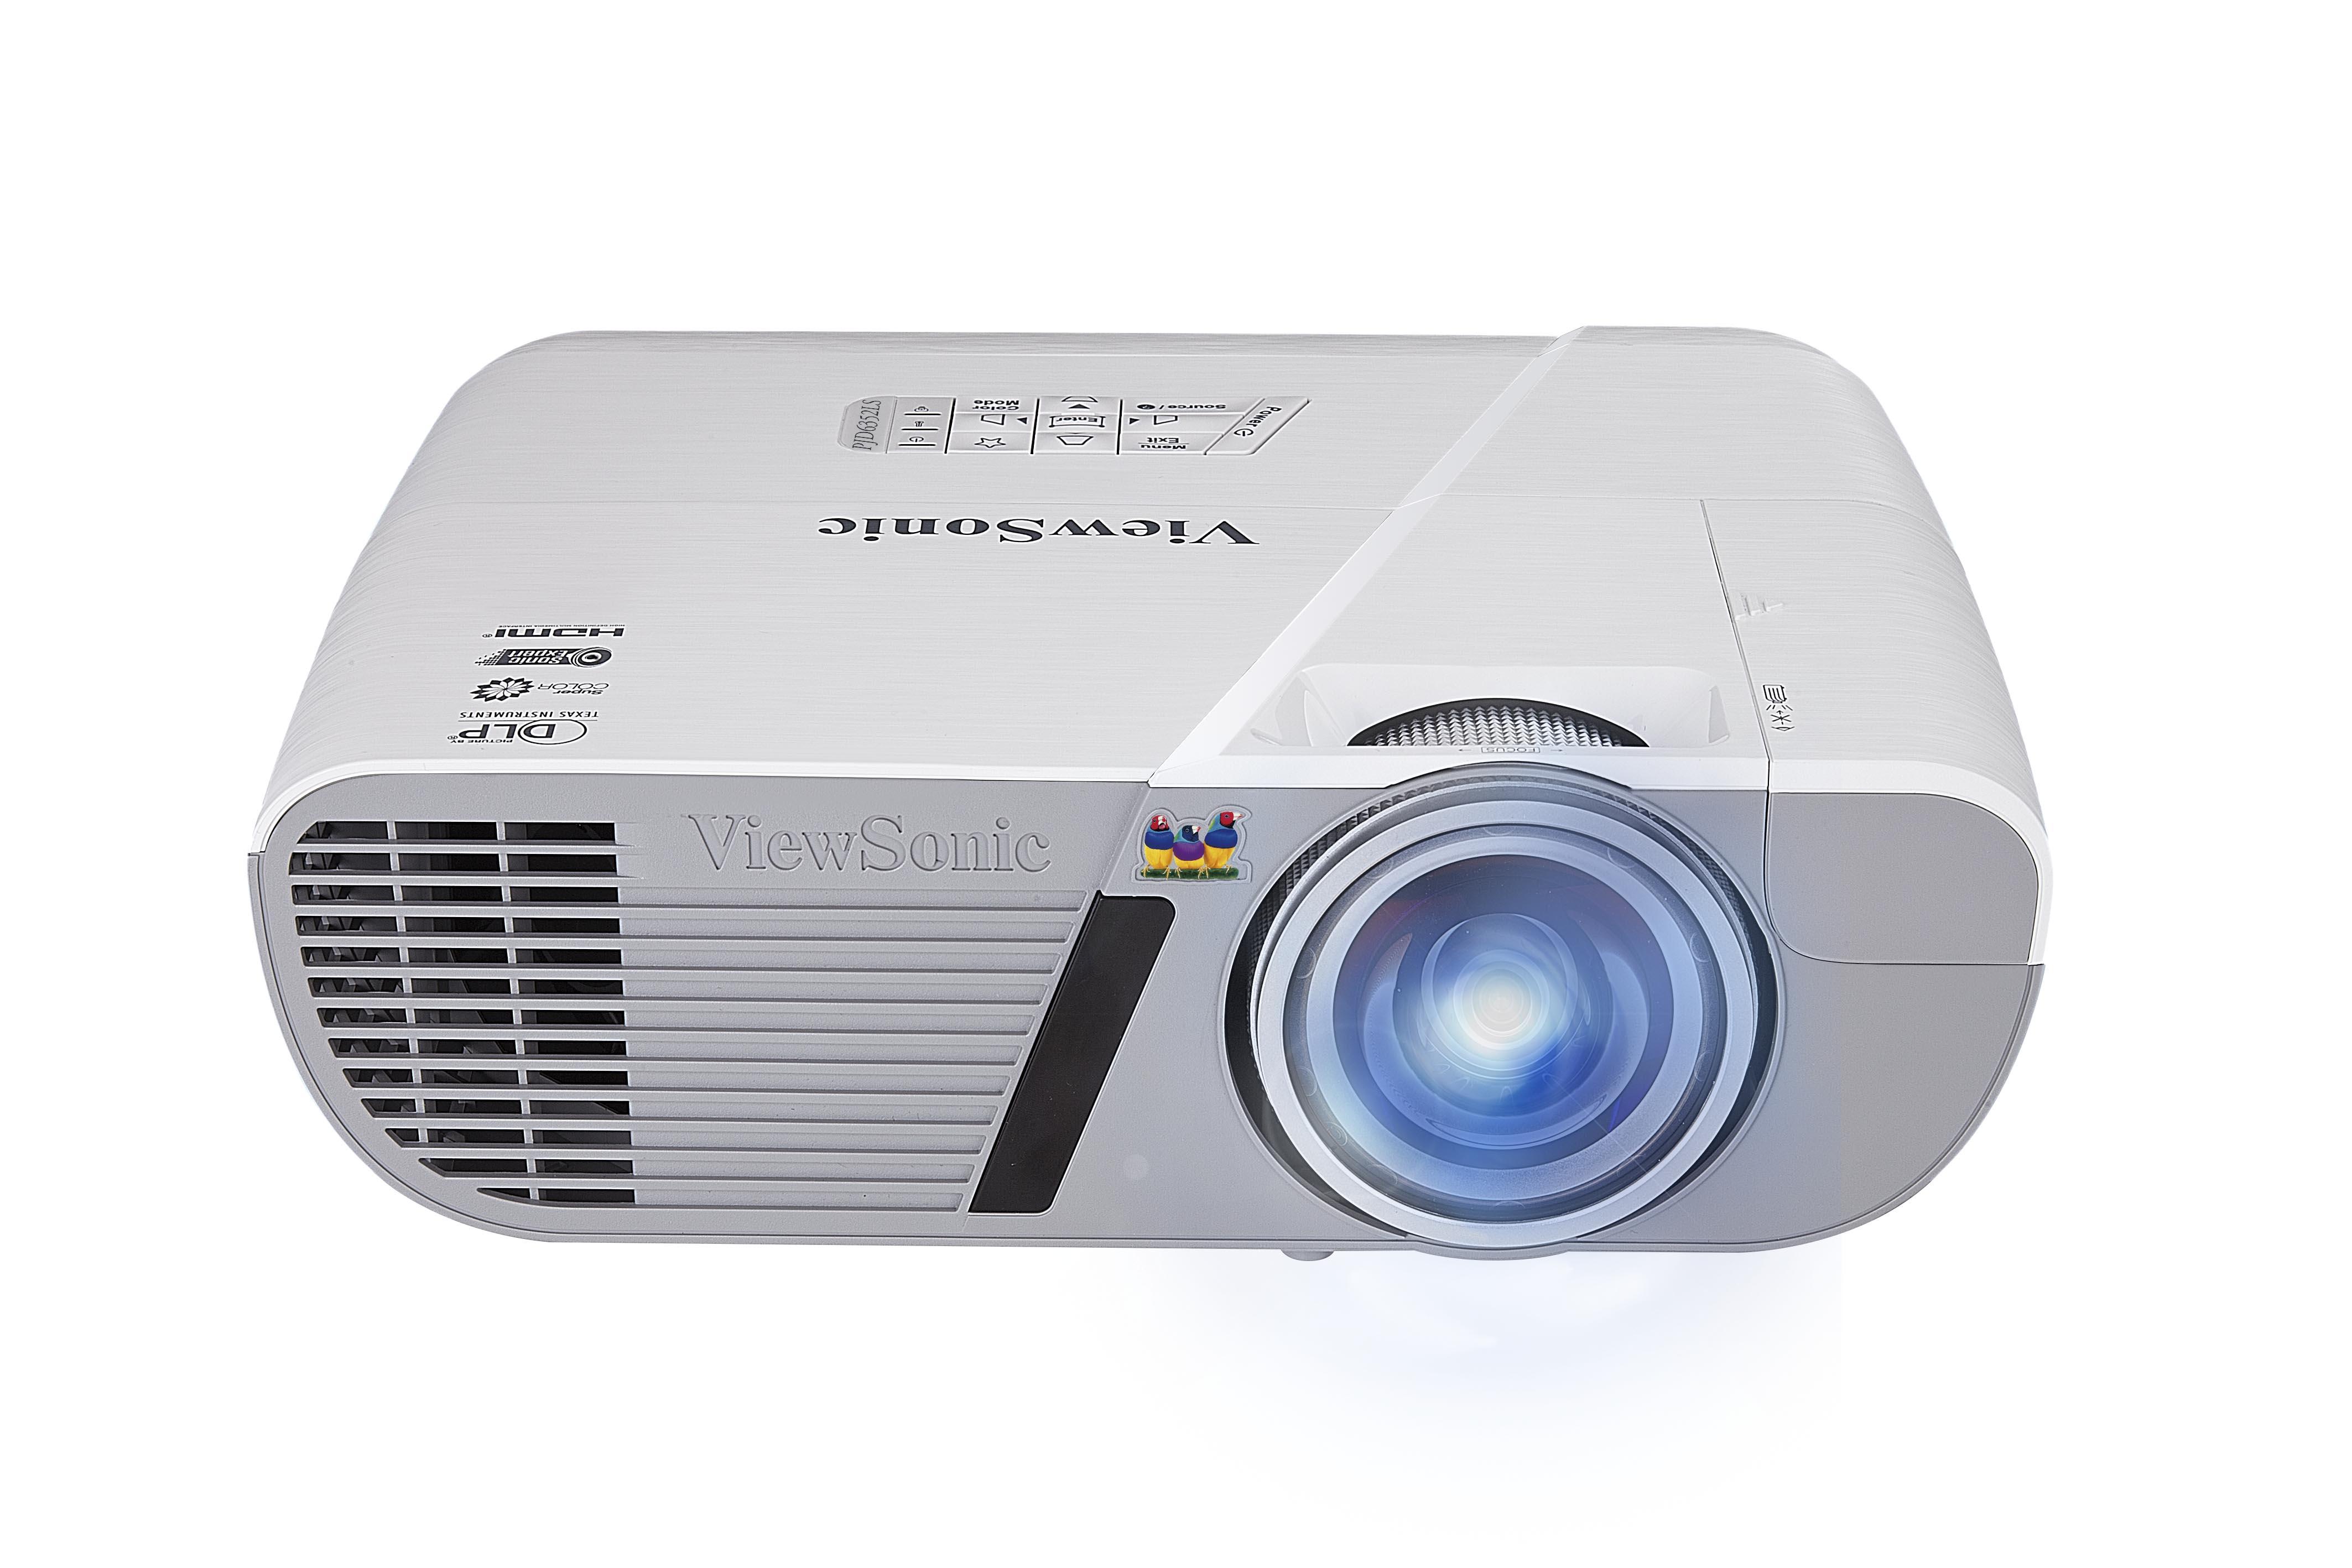 PJD6352LS 3 - ViewSonic ra mắt máy chiếu LightStream tầm ngắn PJD6352LS